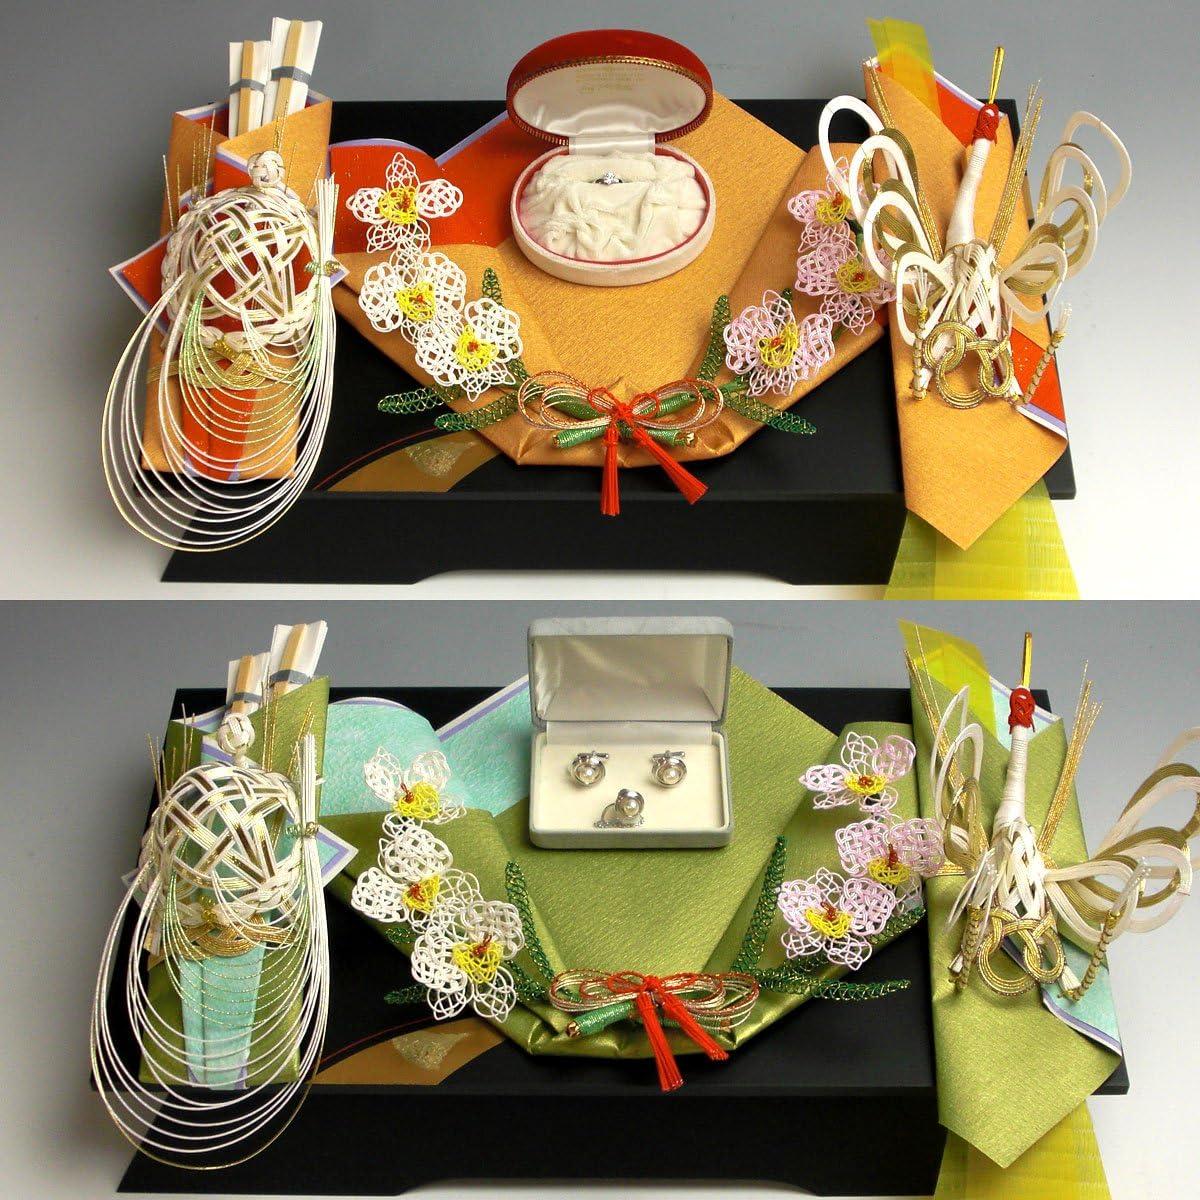 同時交換 -記念品メインの結納品-美雪記念品セット1(毛せん・風呂敷付) 結納屋さん.com r6901-01